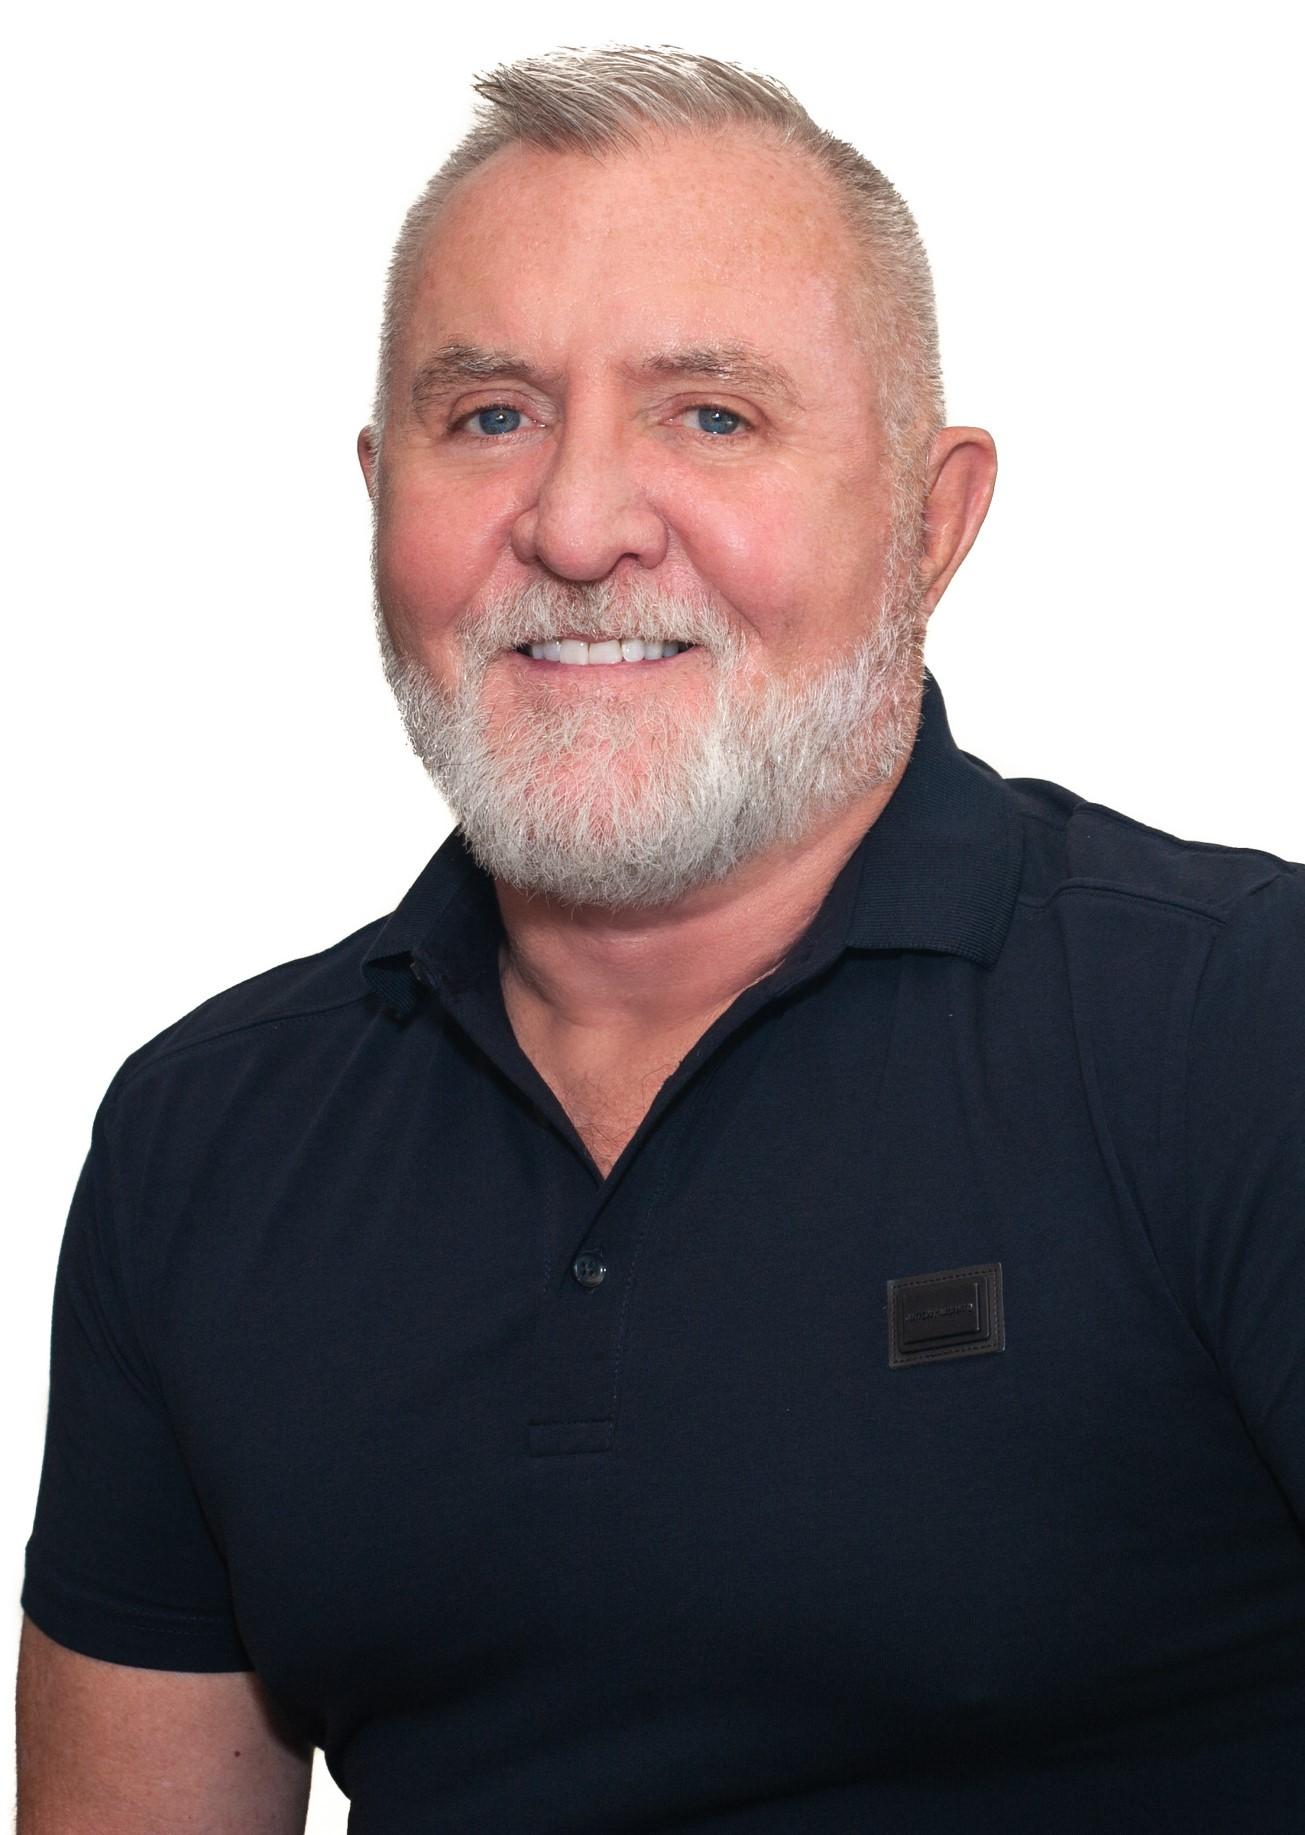 Randy Mair